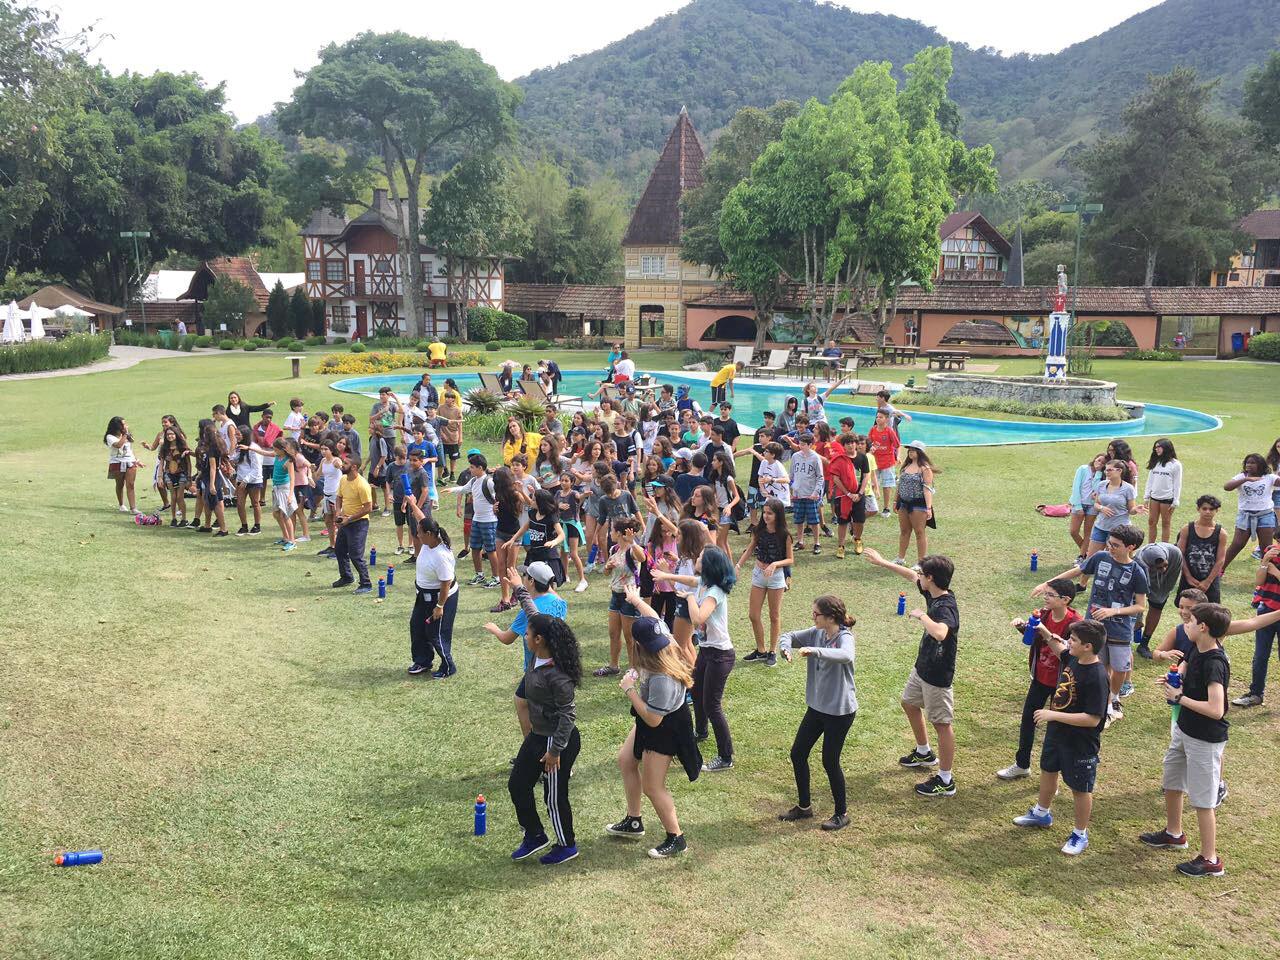 Le Canton oferece programa de férias para crianças